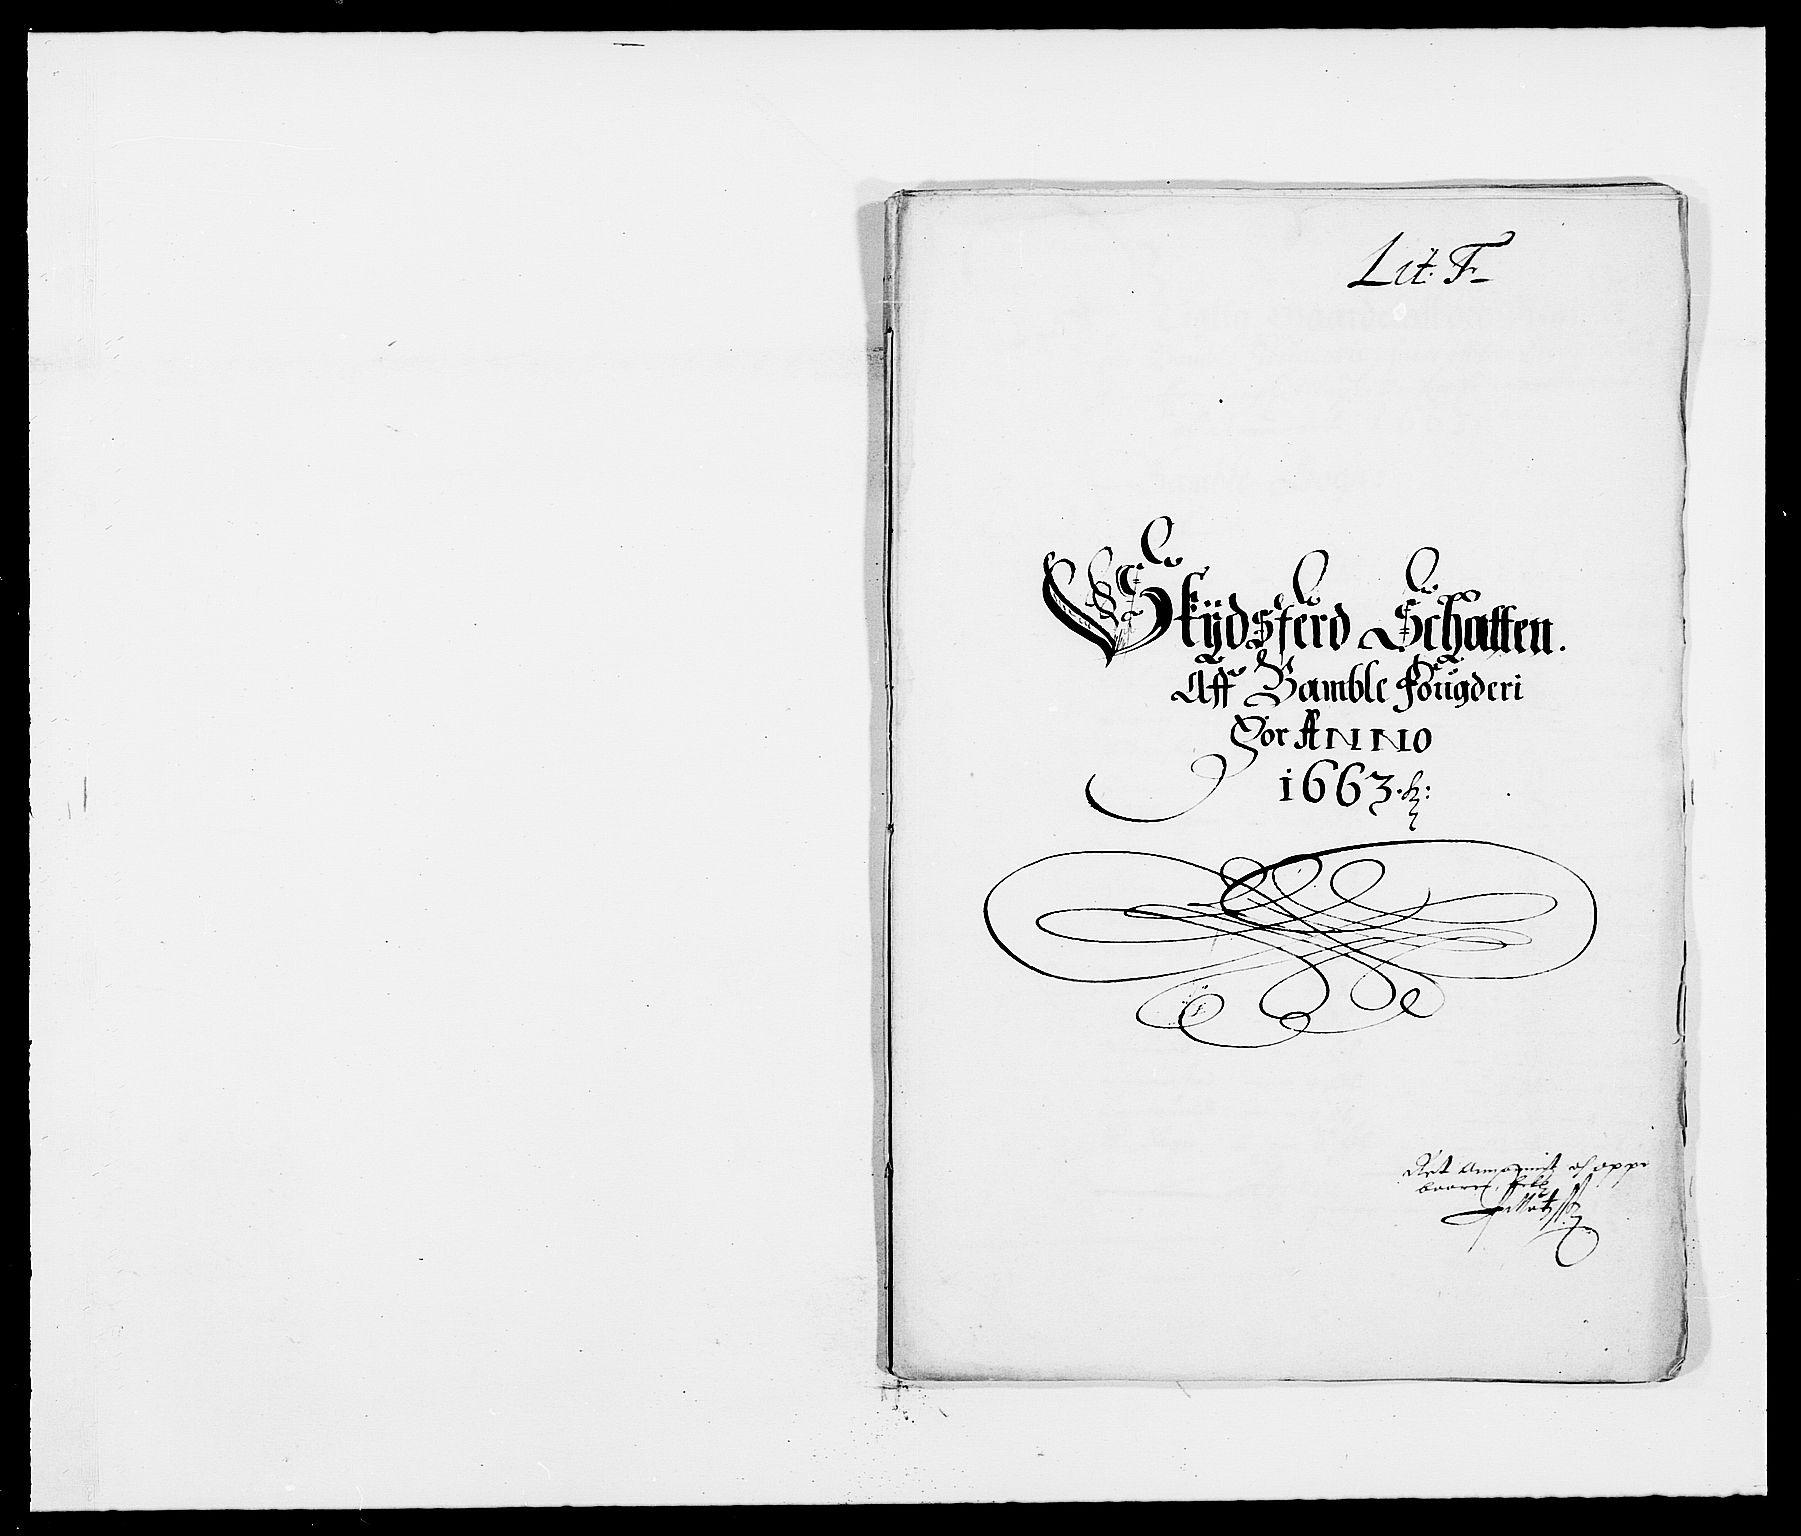 RA, Rentekammeret inntil 1814, Reviderte regnskaper, Fogderegnskap, R34/L2037: Fogderegnskap Bamble, 1662-1669, s. 234